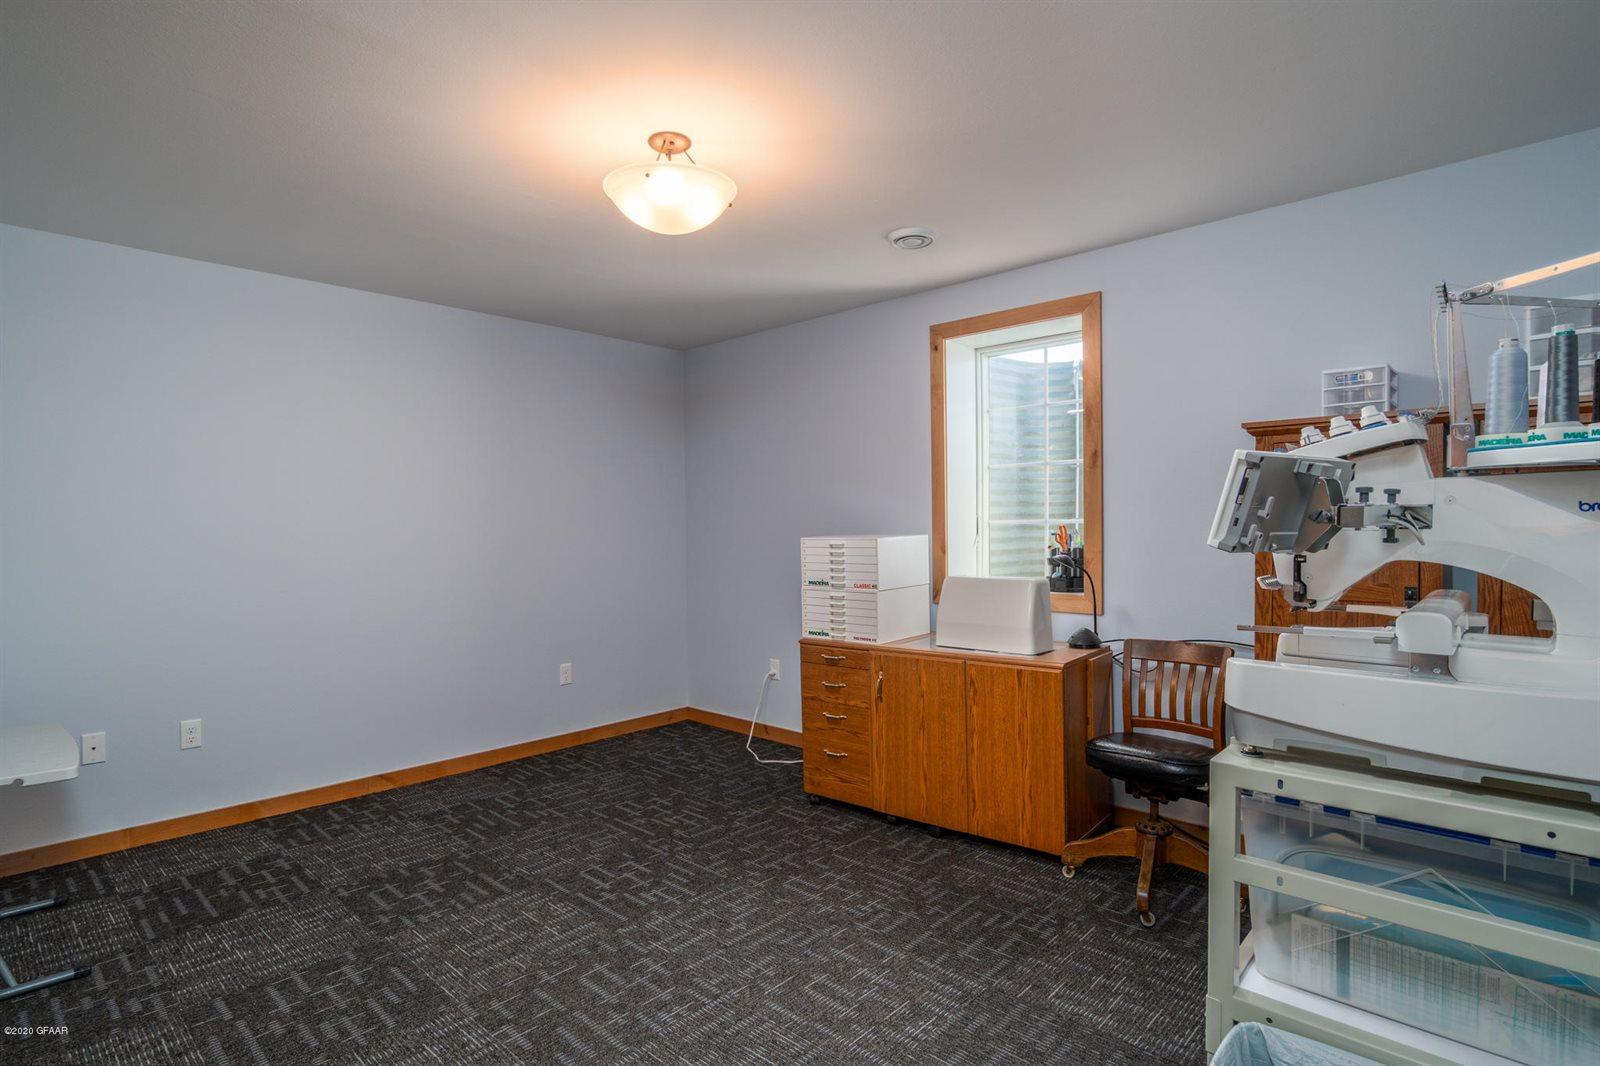 5691 E Prairiewood Dr, Grand Forks, ND 58201